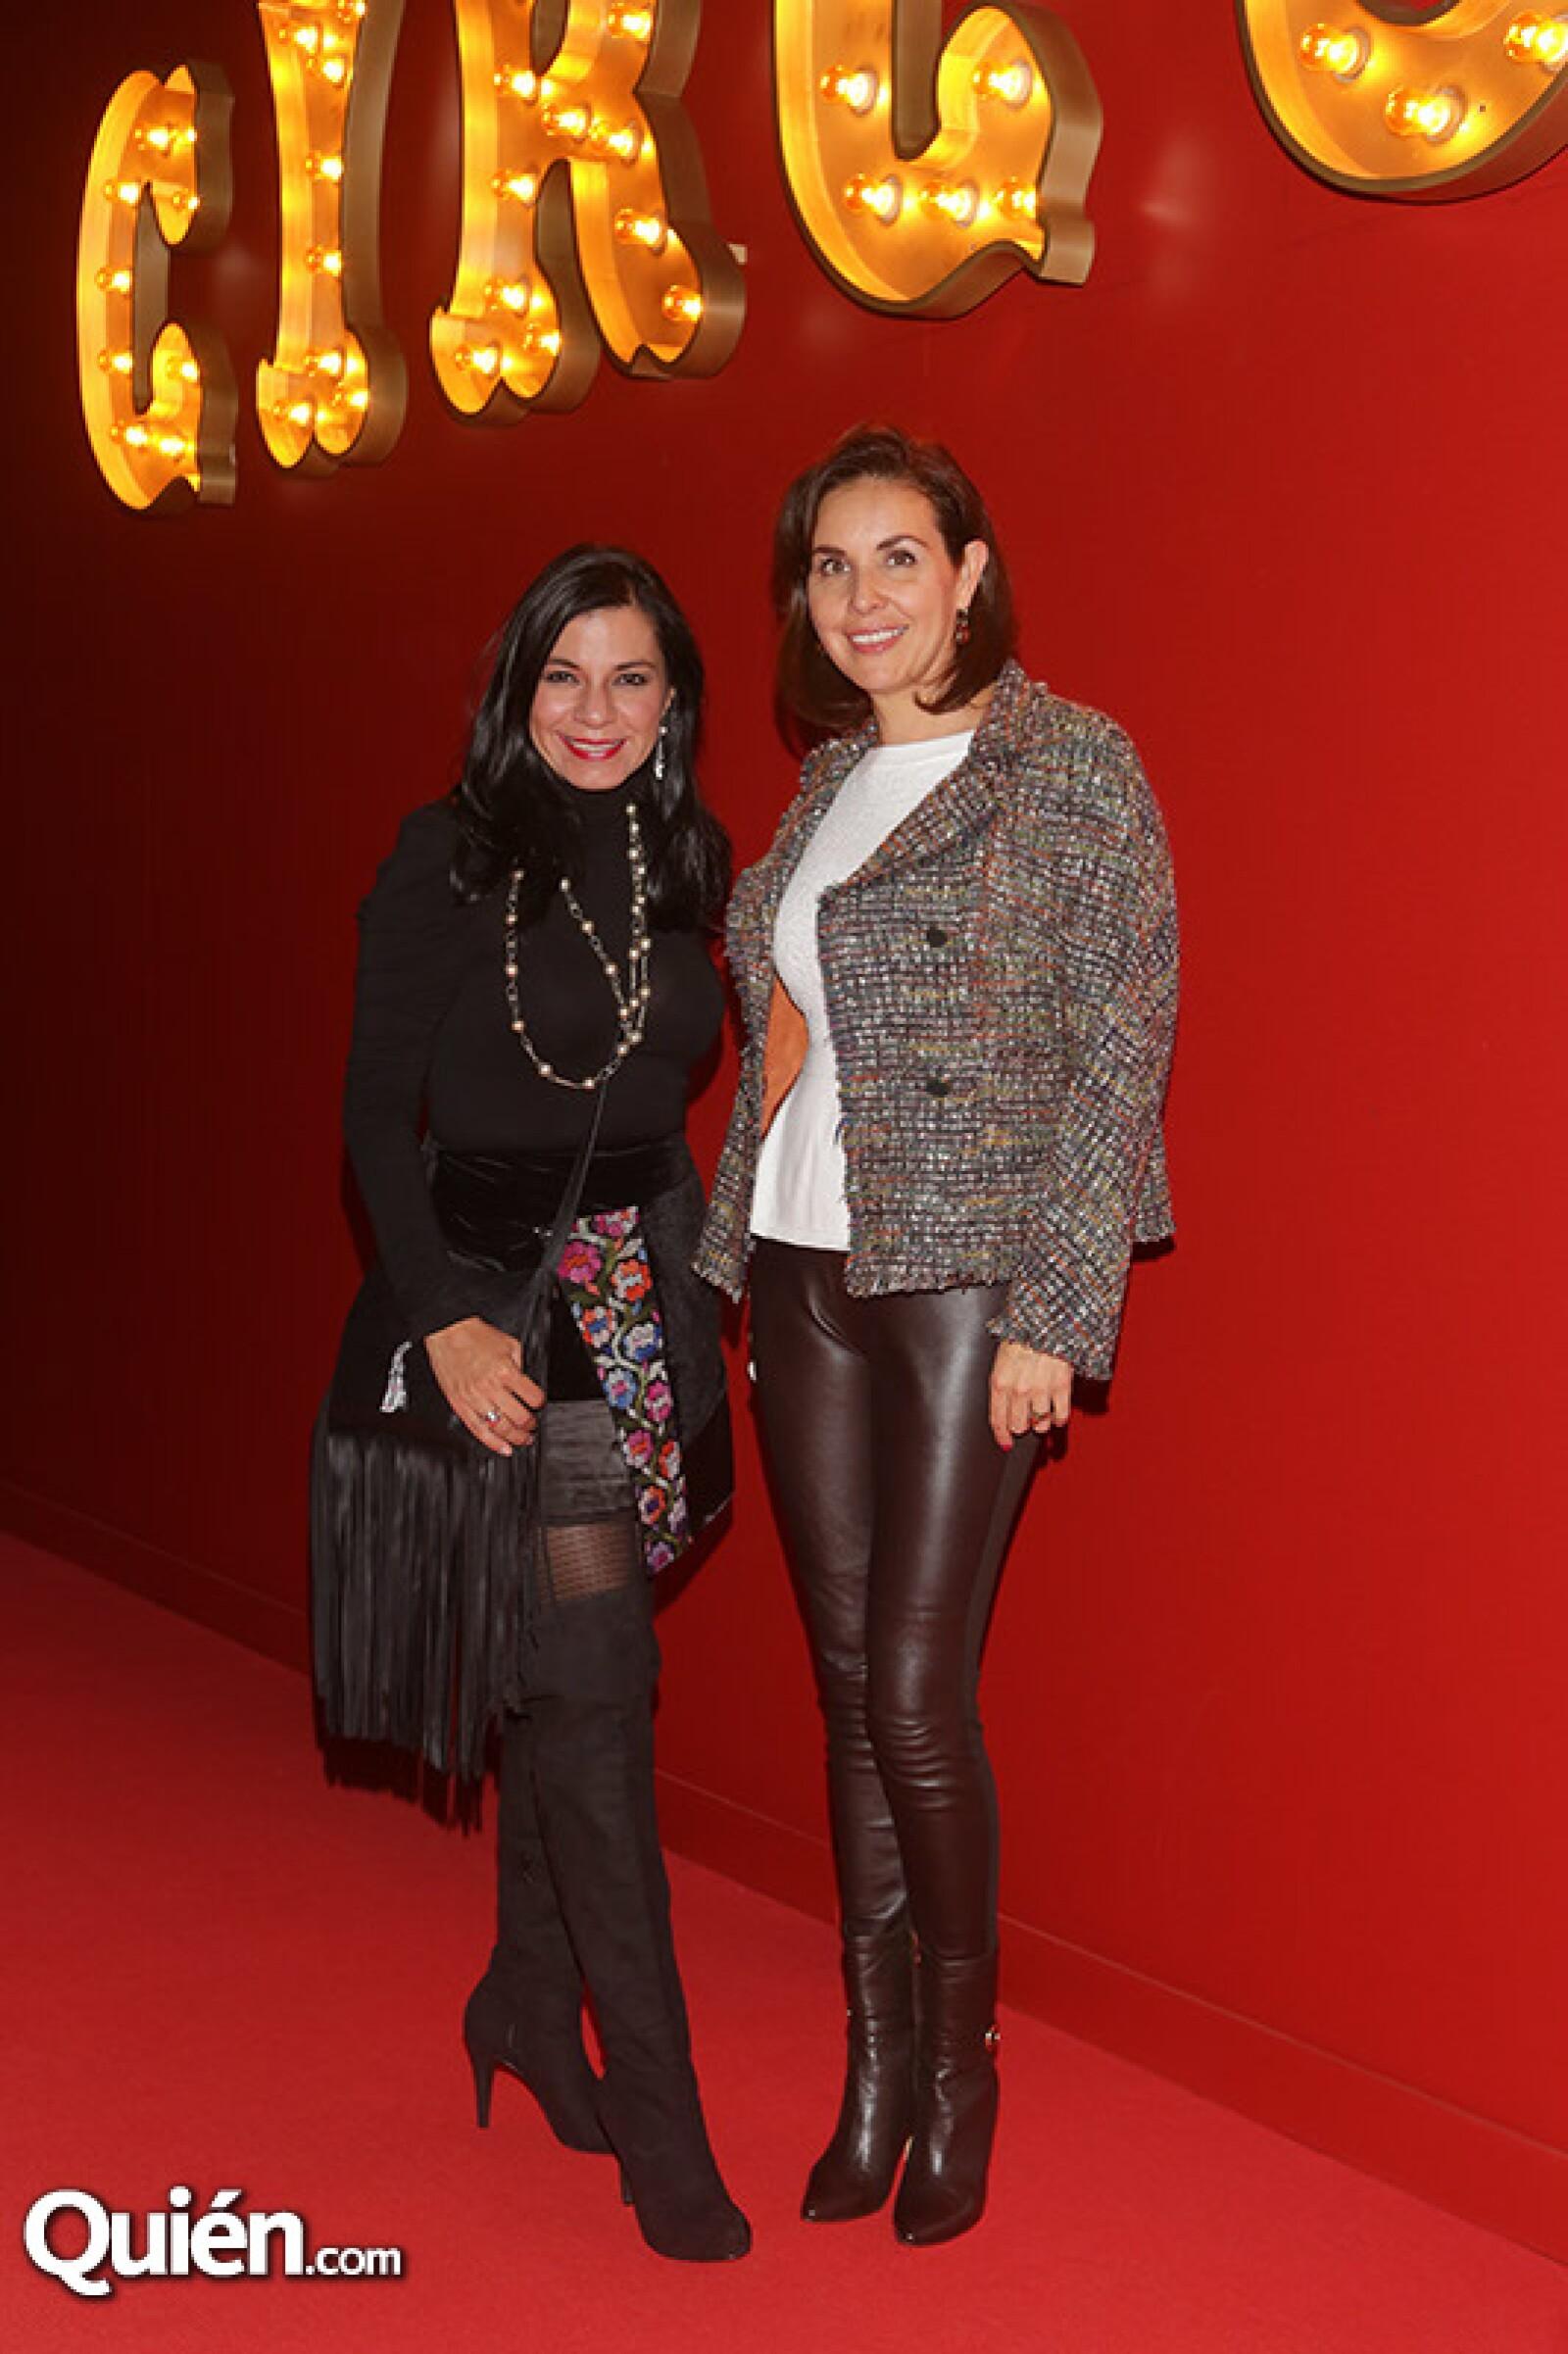 Graciela Montaño y Lizbeth Esparza